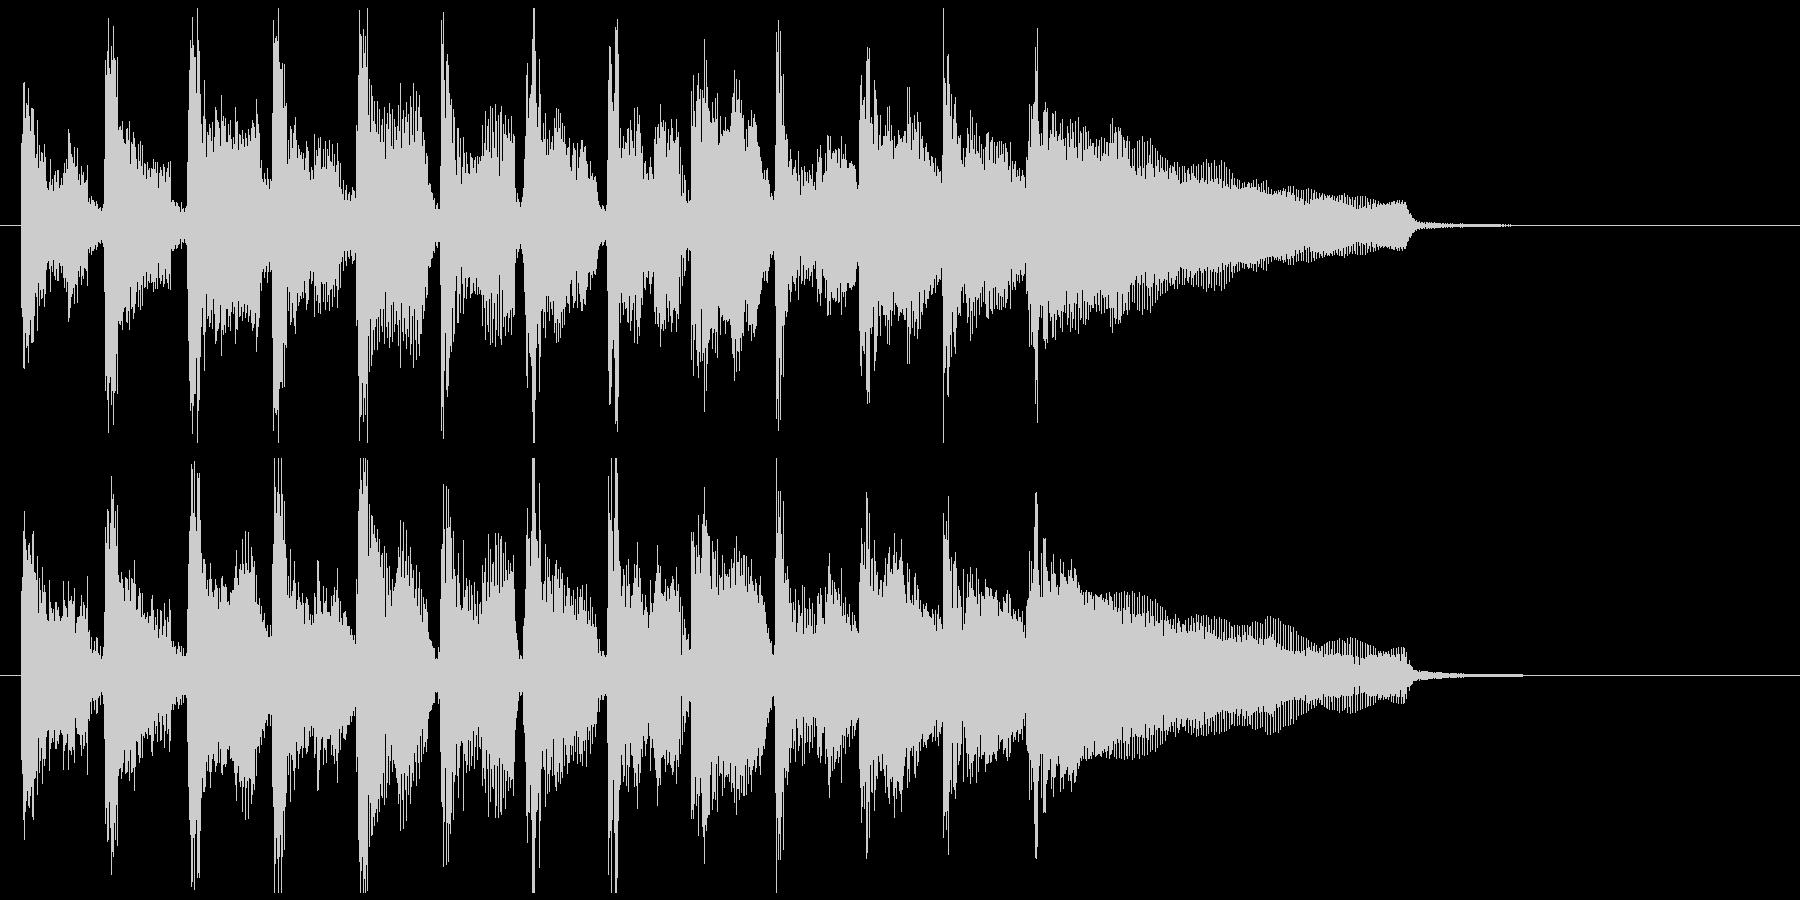 不思議系サウンドなフュージョンのジングルの未再生の波形